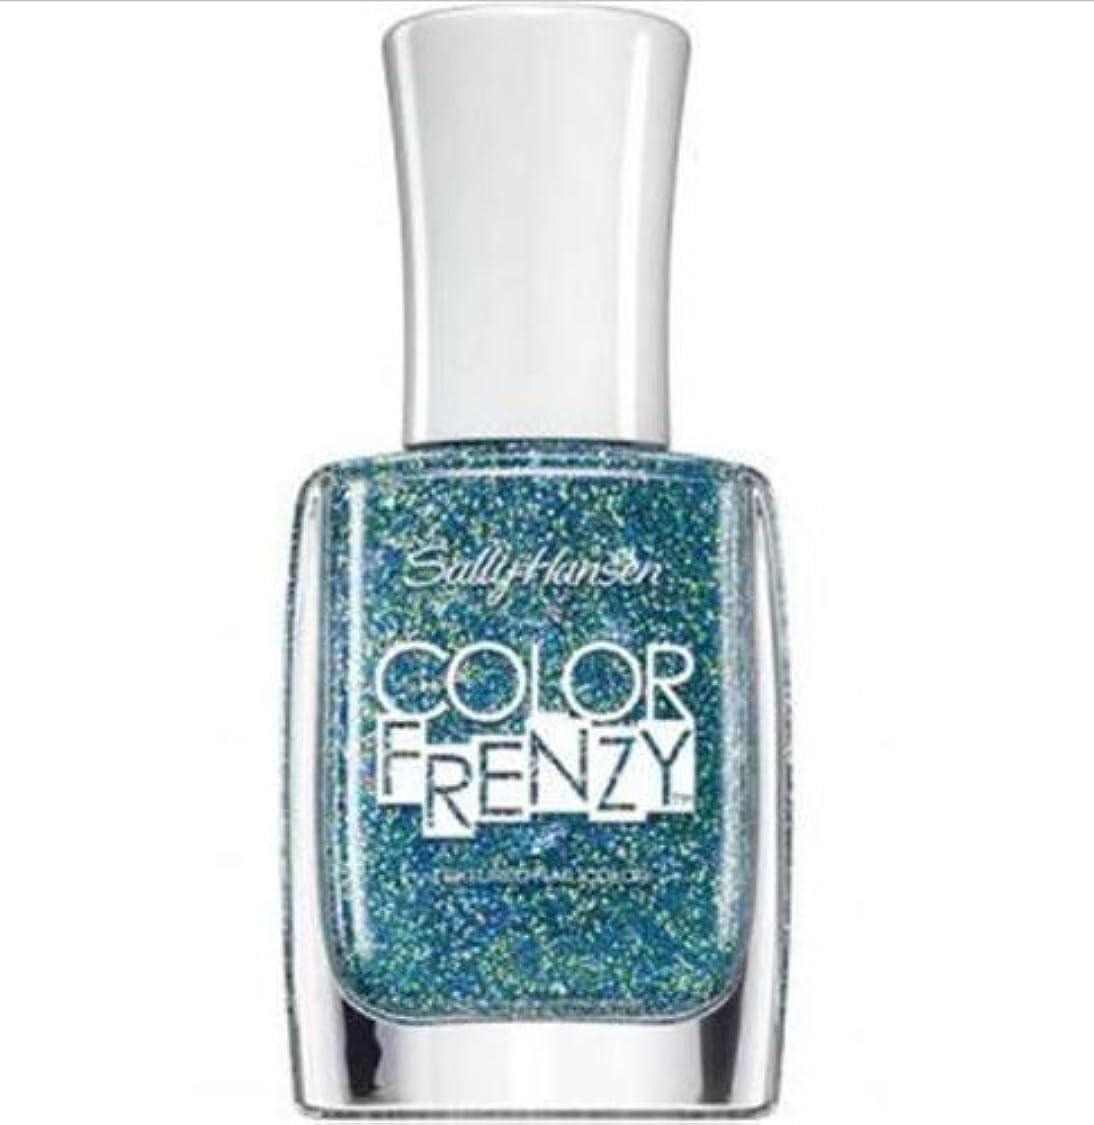 有益な持参ズボンSALLY HANSEN Color Frenzy Textured Nail Color - Sea Salt (並行輸入品)